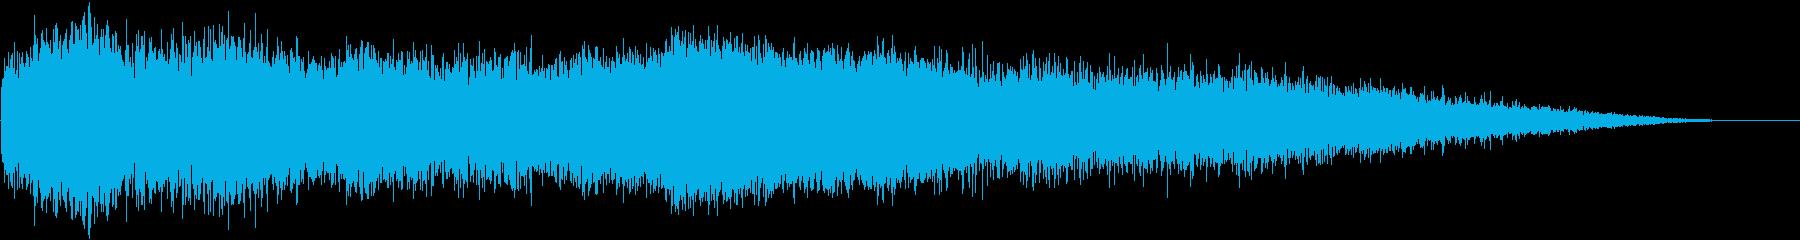 どーんっ!!・・(銅鑼の音)の再生済みの波形